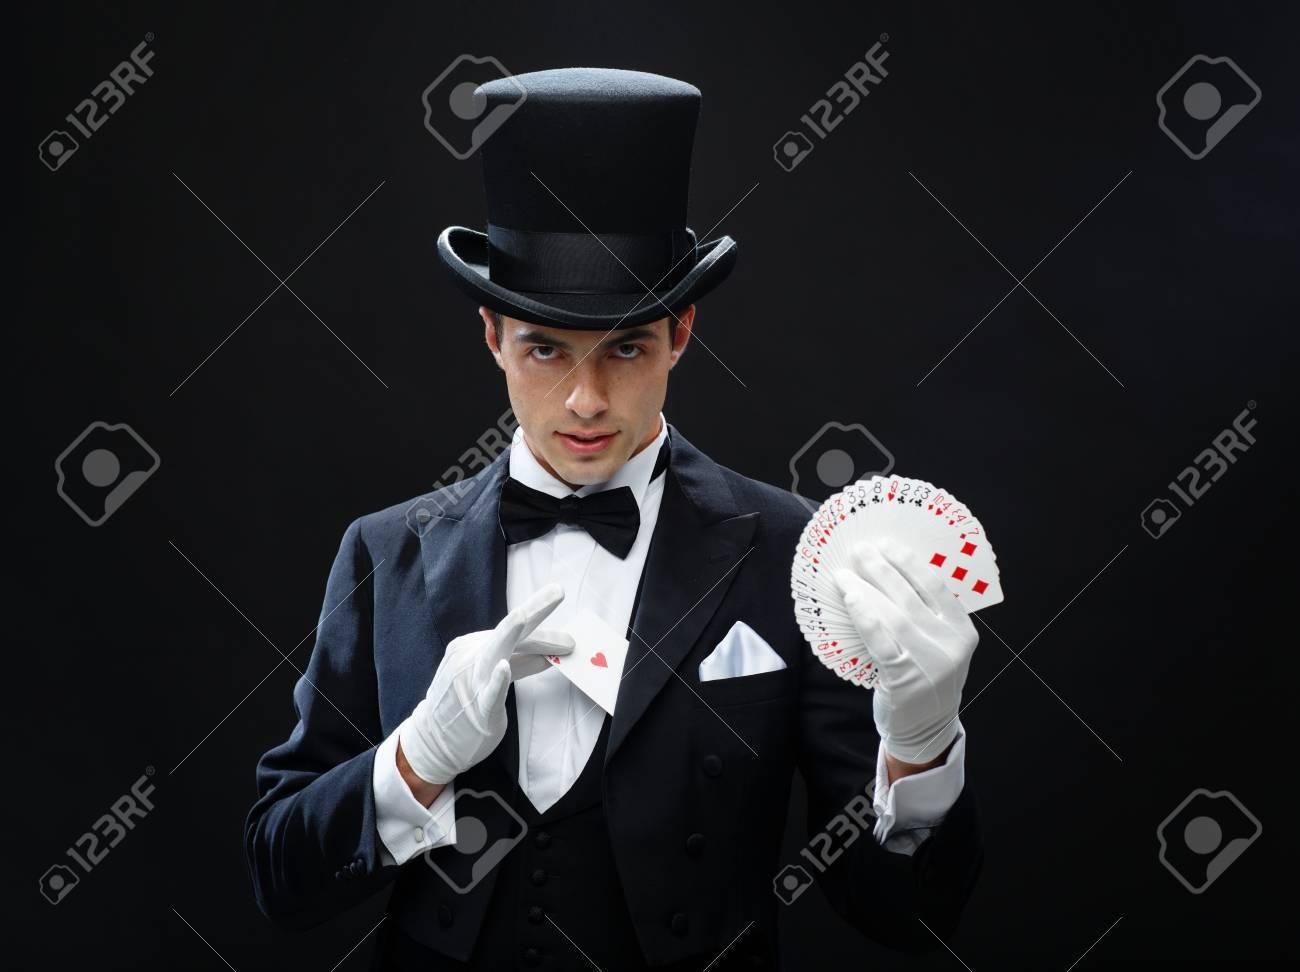 Азартные игры и магия играть бесплатно и автоматы